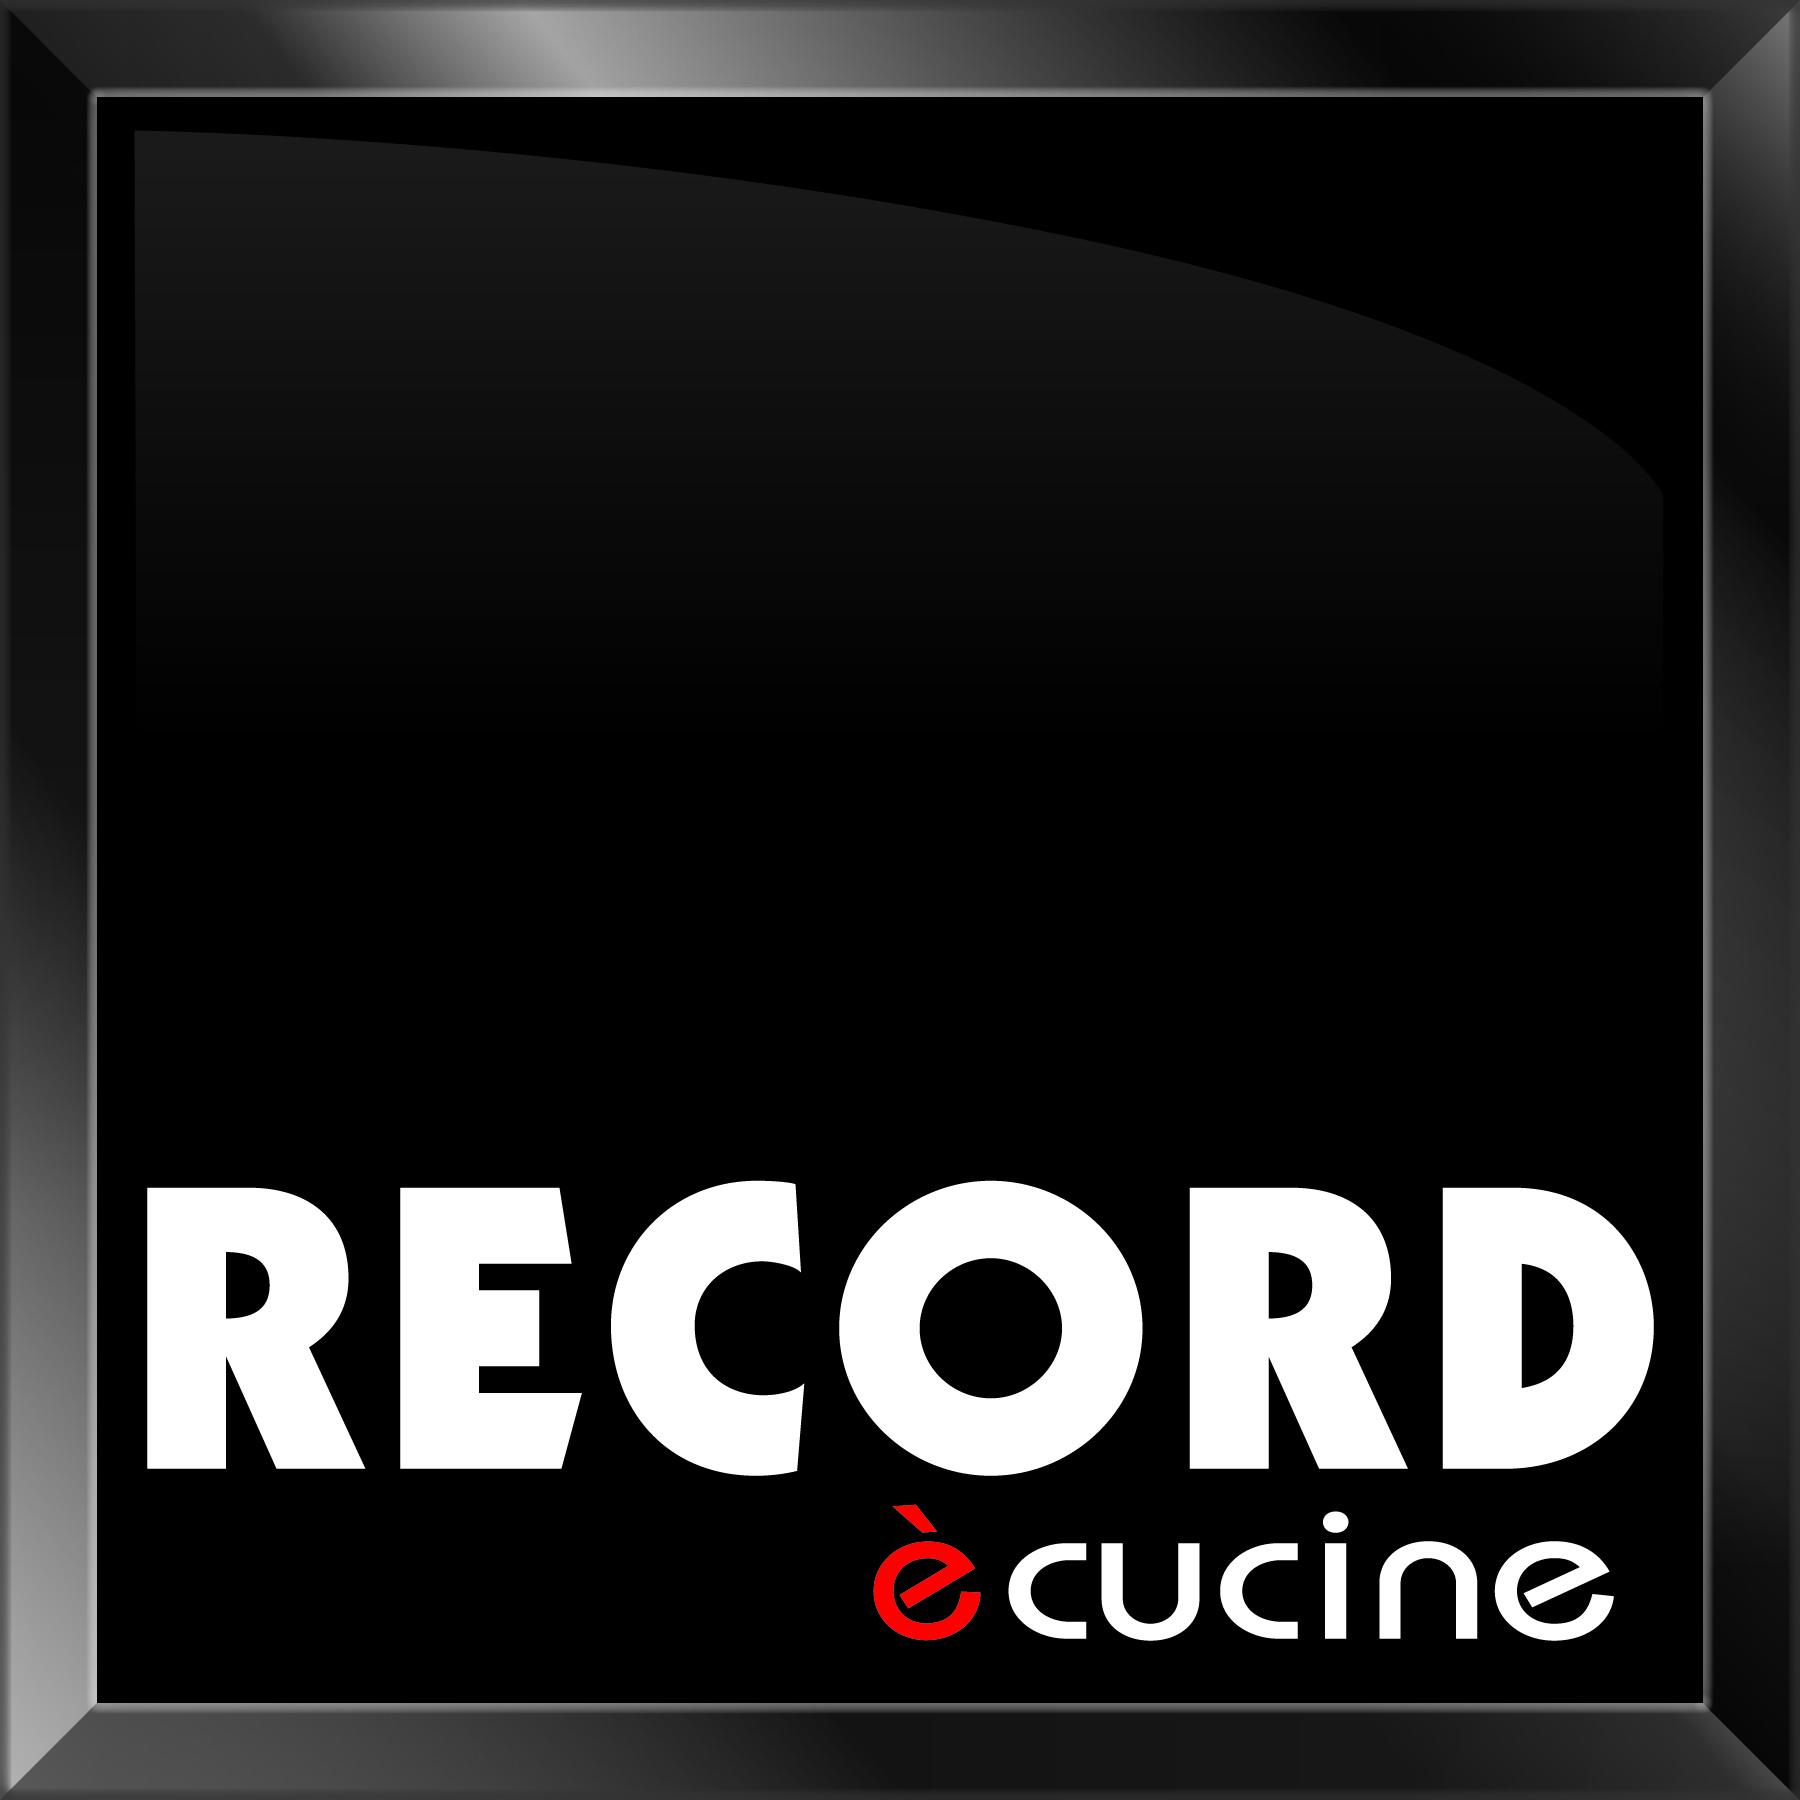 Record cucine